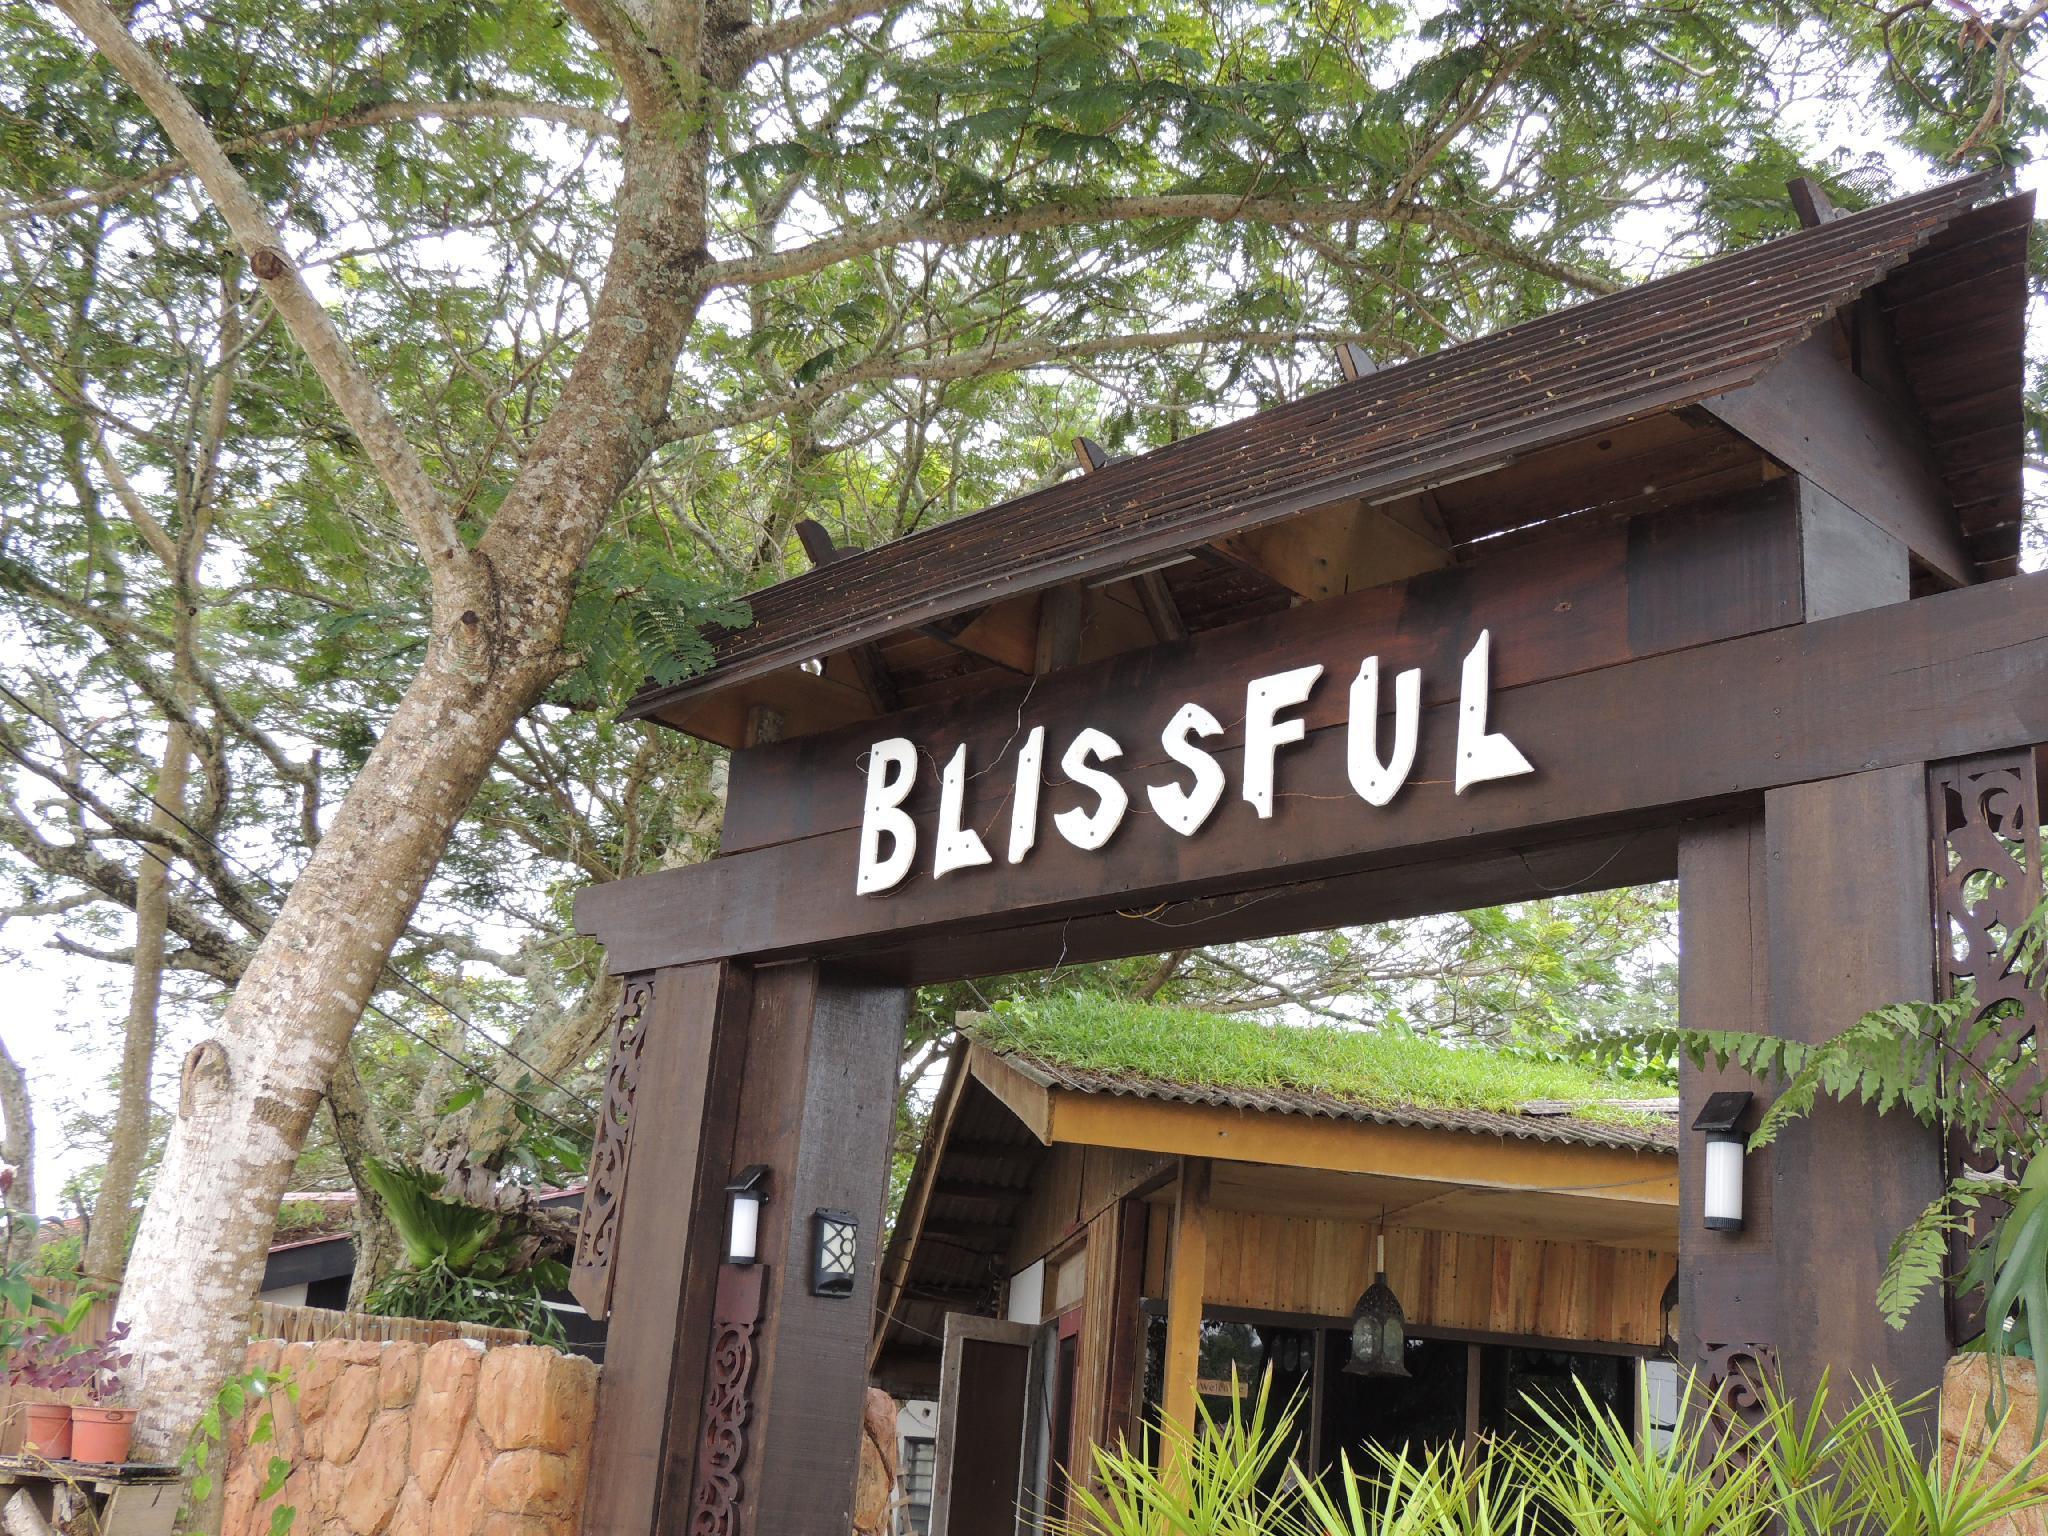 Box Of Blissful